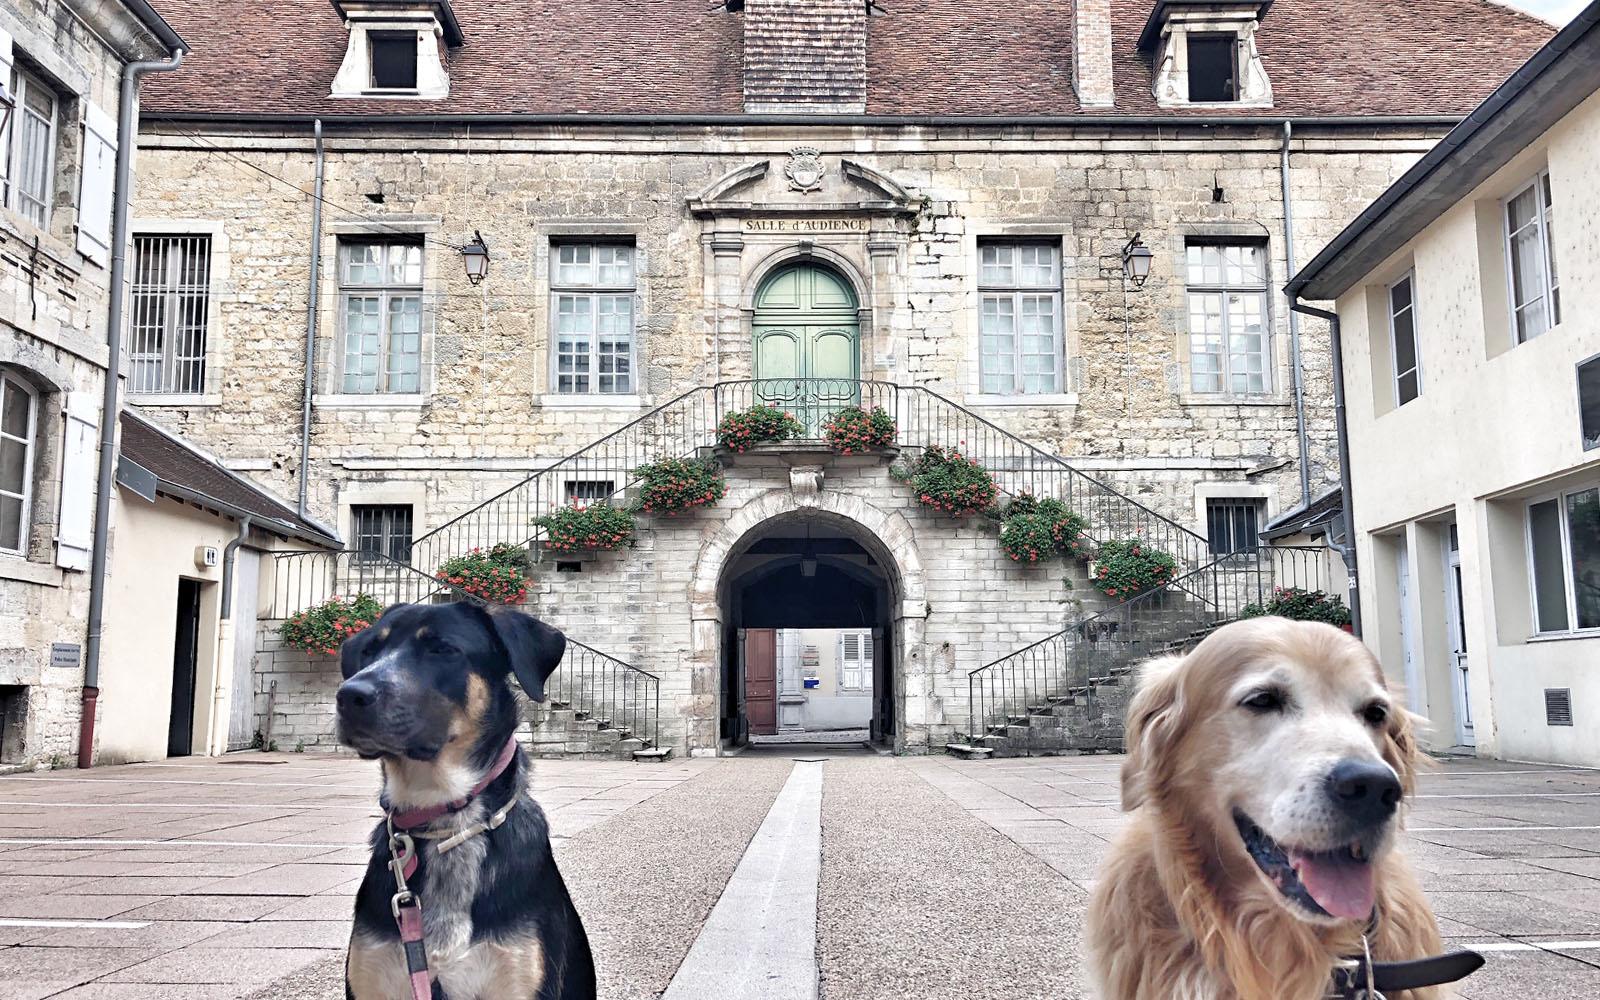 I miei cani, Pastis e Felakuti, nel cortile del municipio di Poligny.